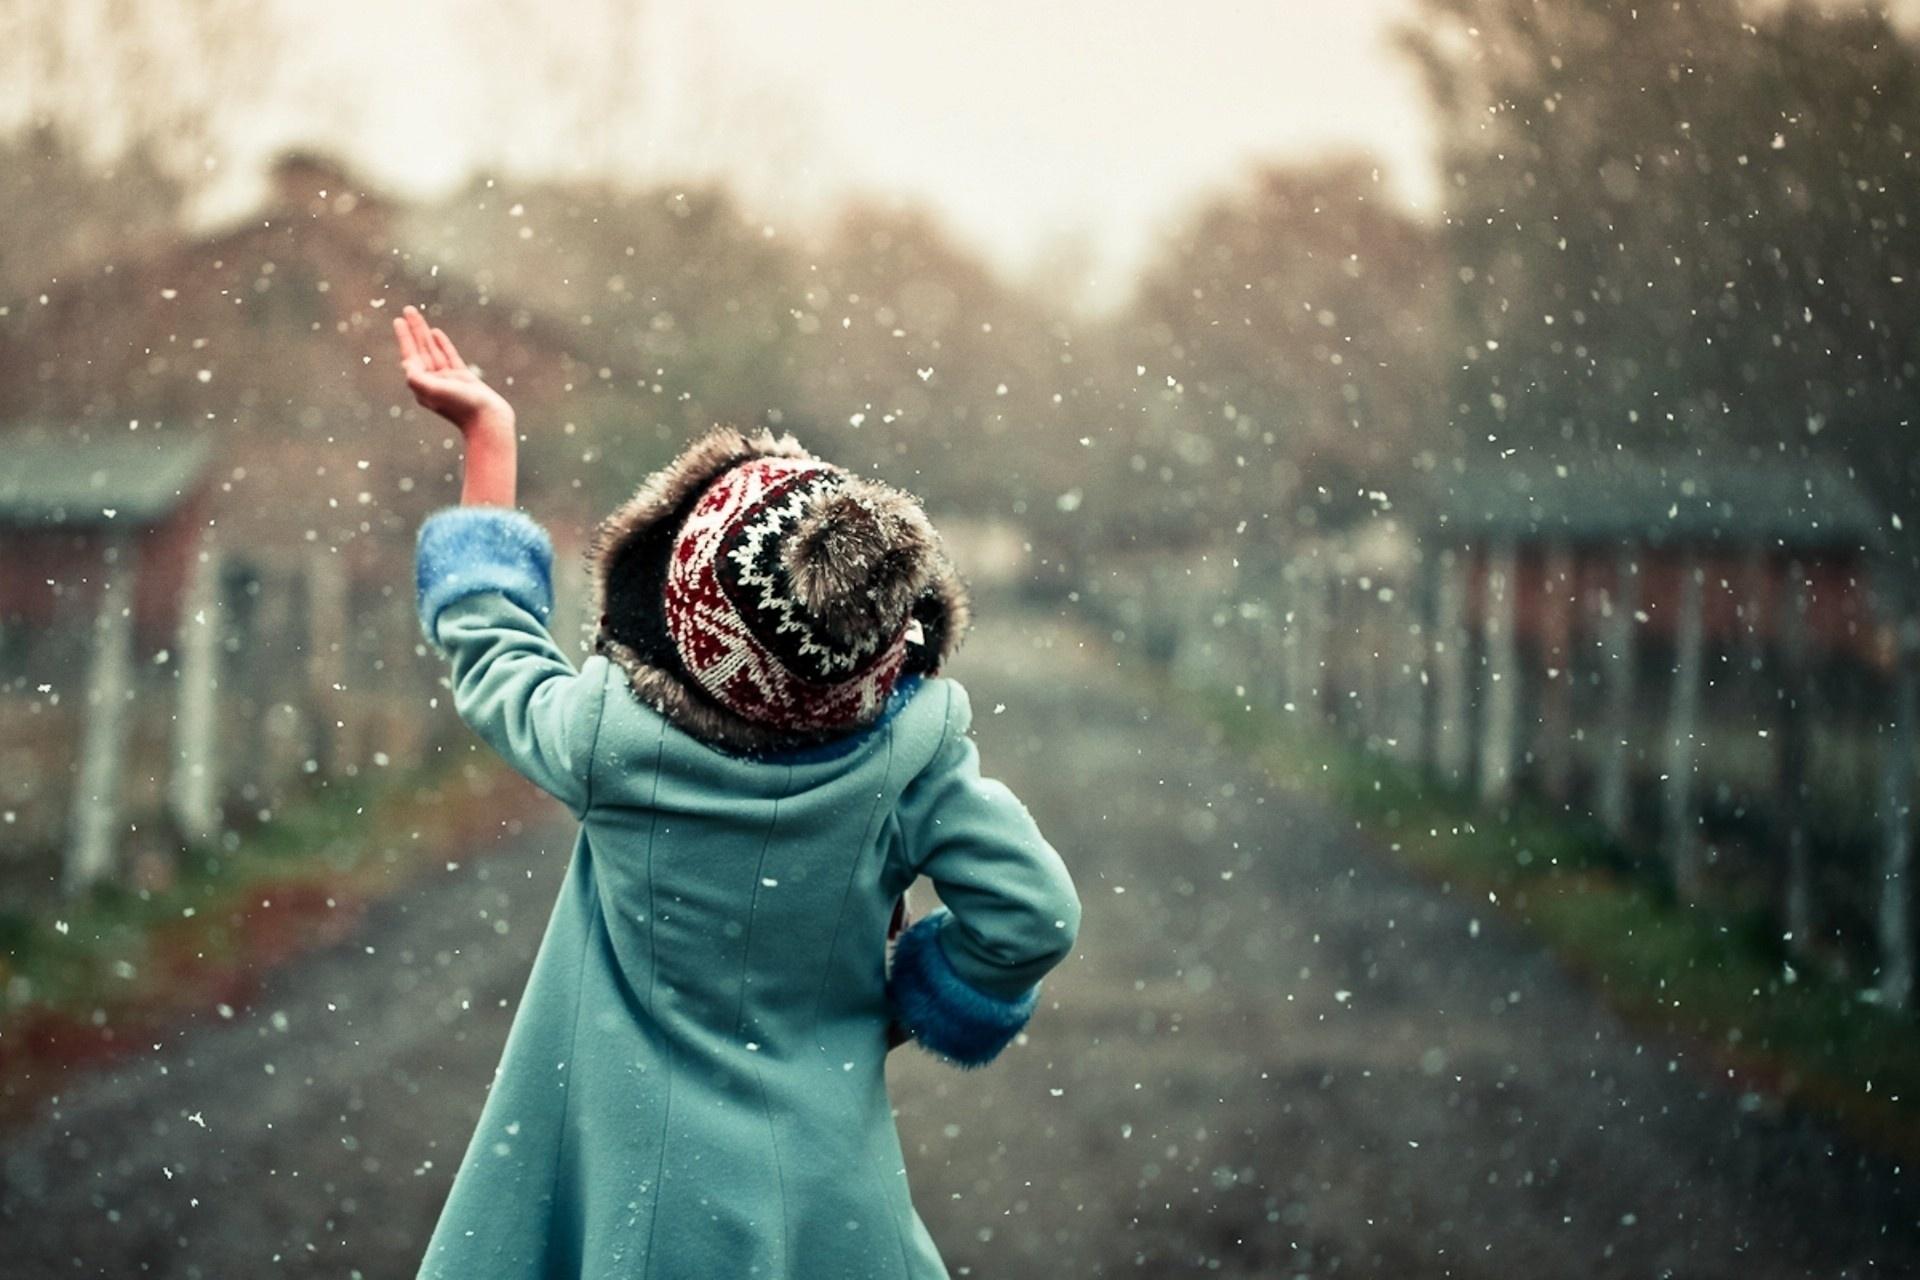 ловит снежинки